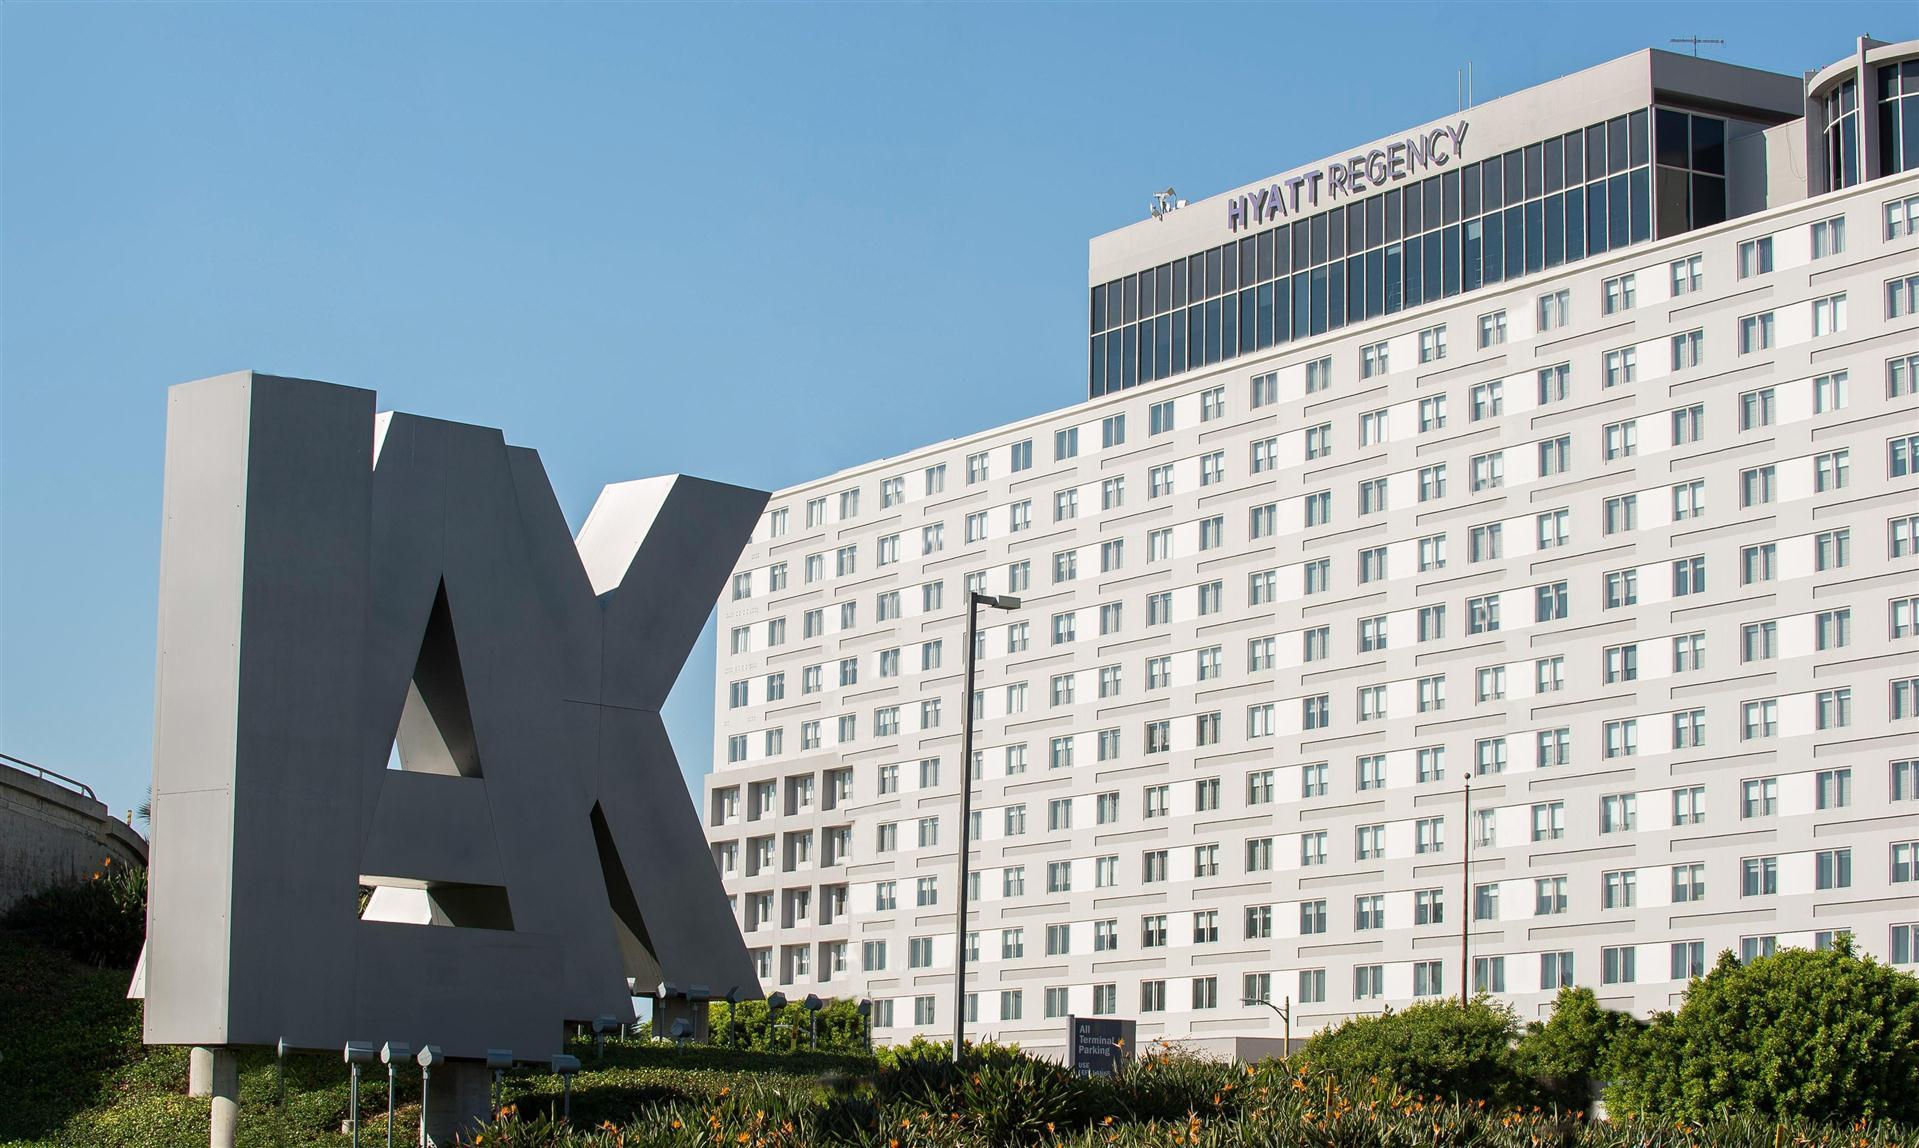 Meetings and events at Hyatt Regency Los Angeles International